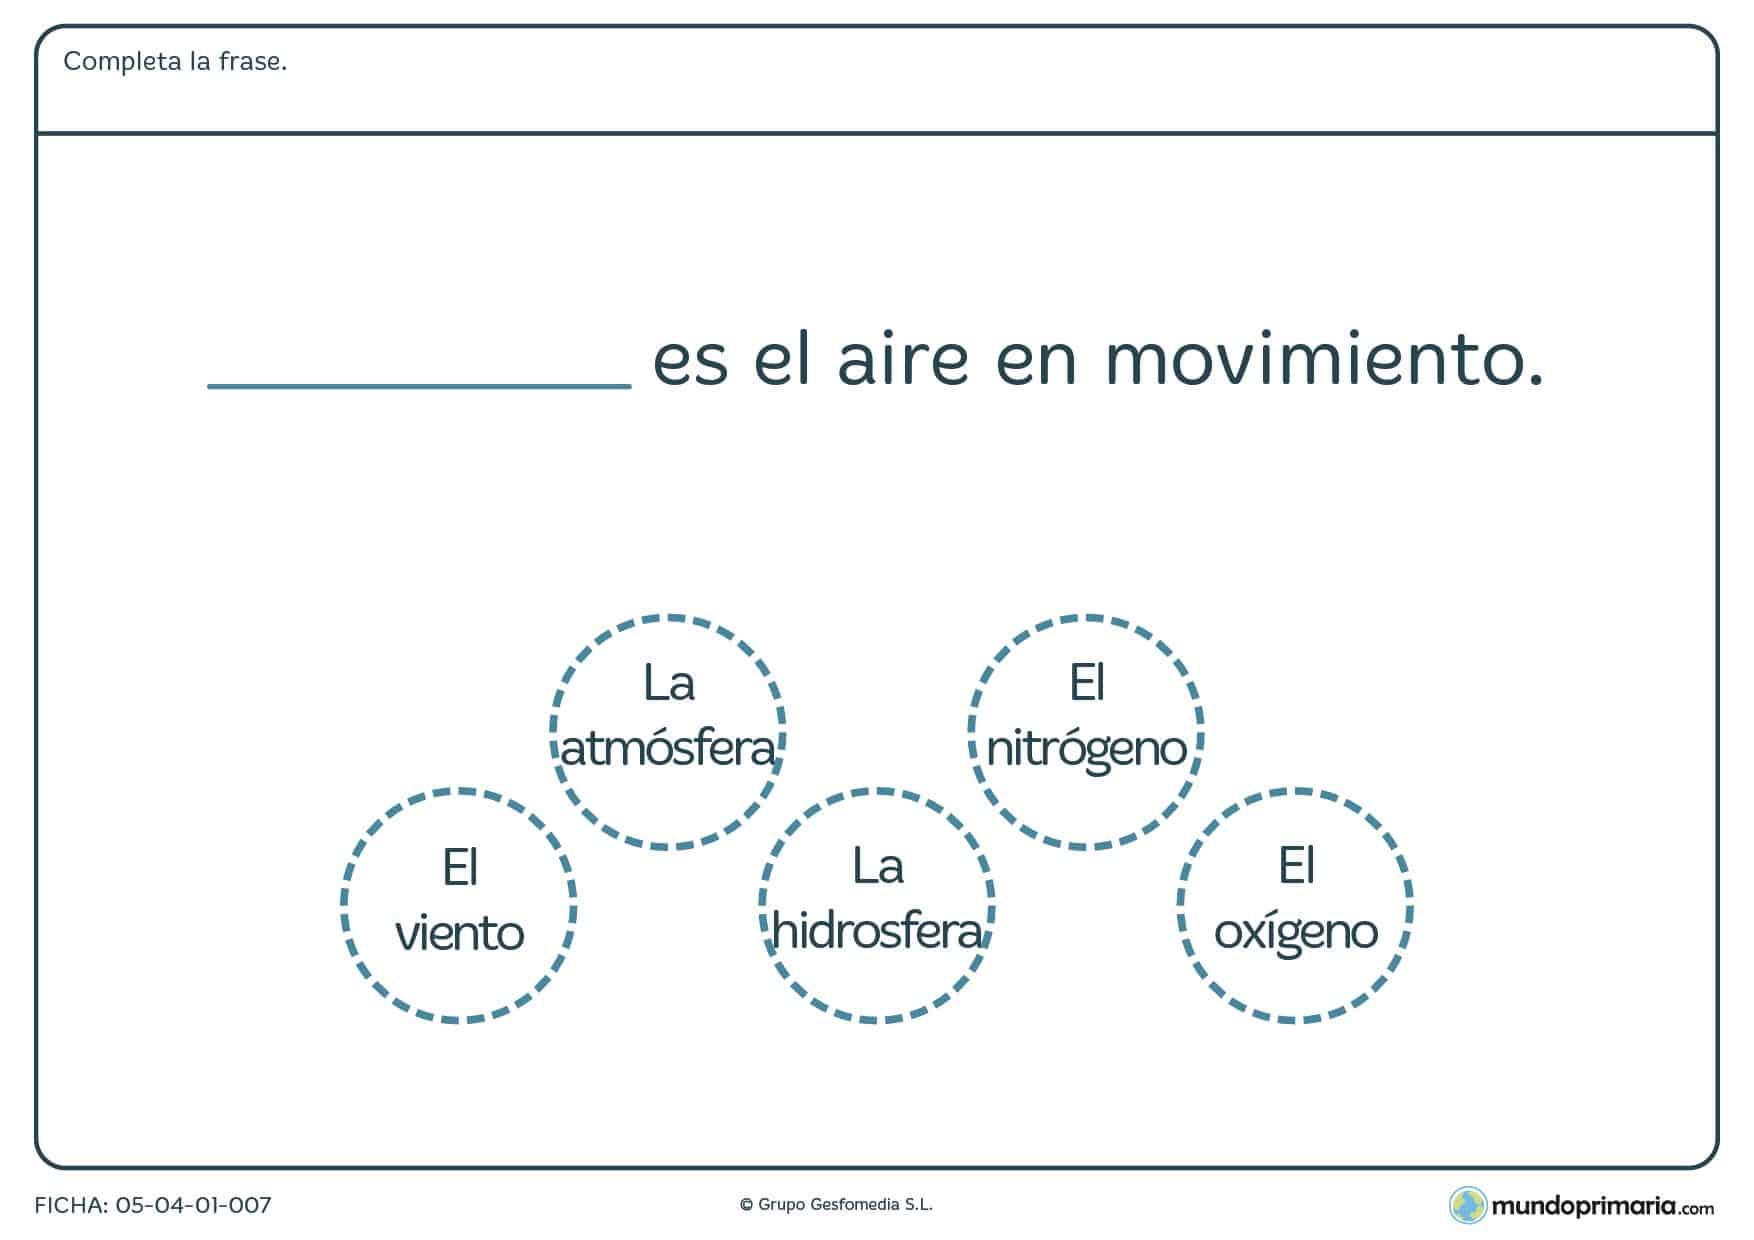 Ficha de formas del aire en el que hay que completar la frase con uno de los elementos proporcionados en el ejercicio.